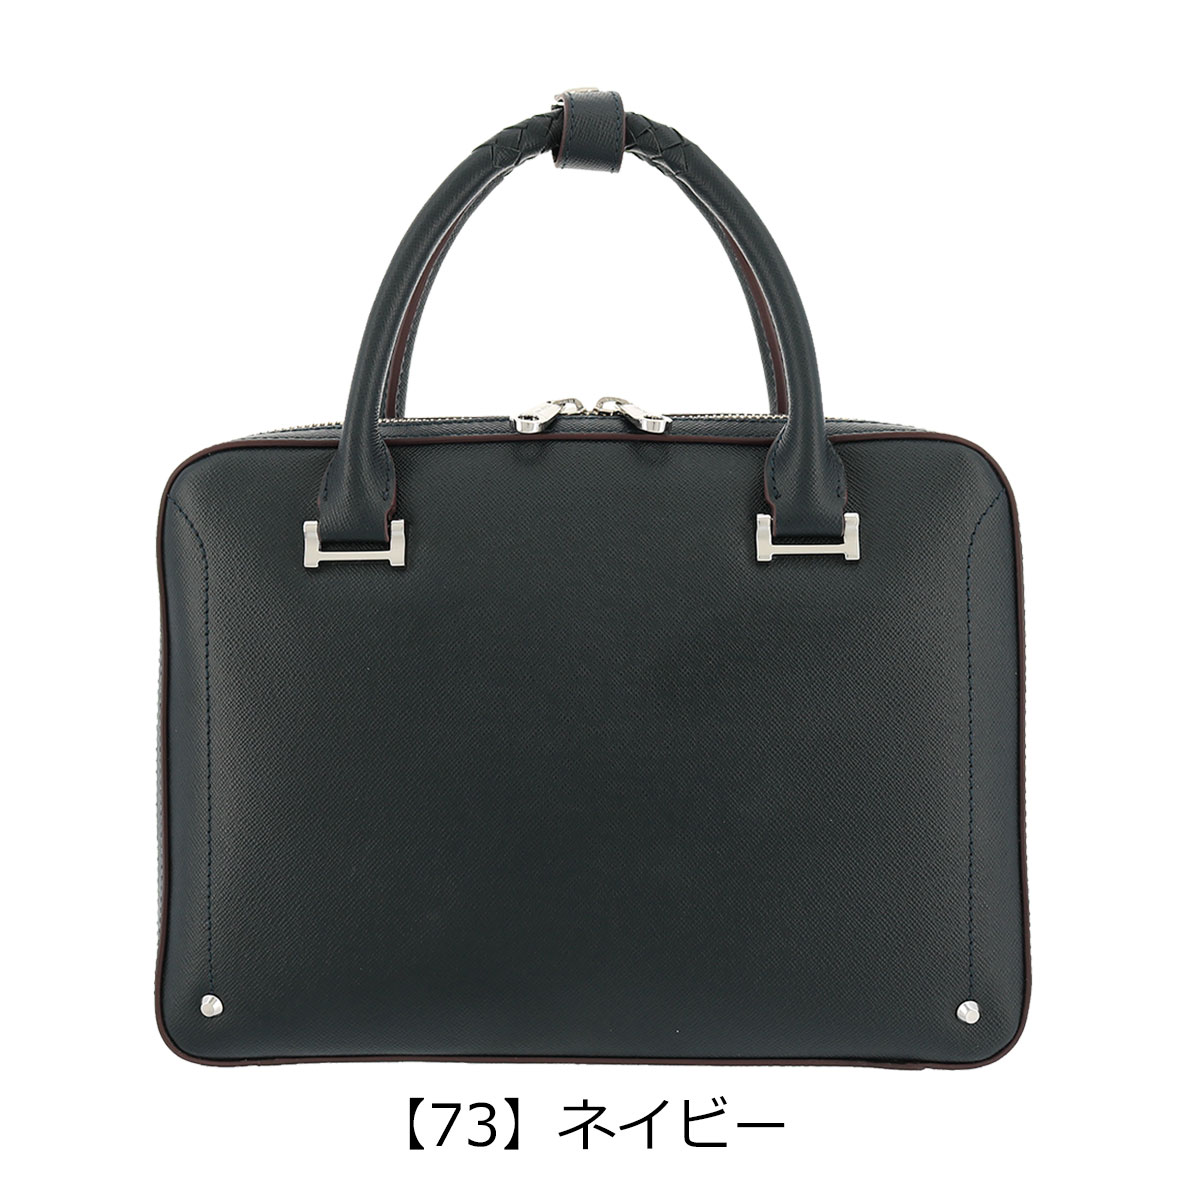 【73】ネイビー